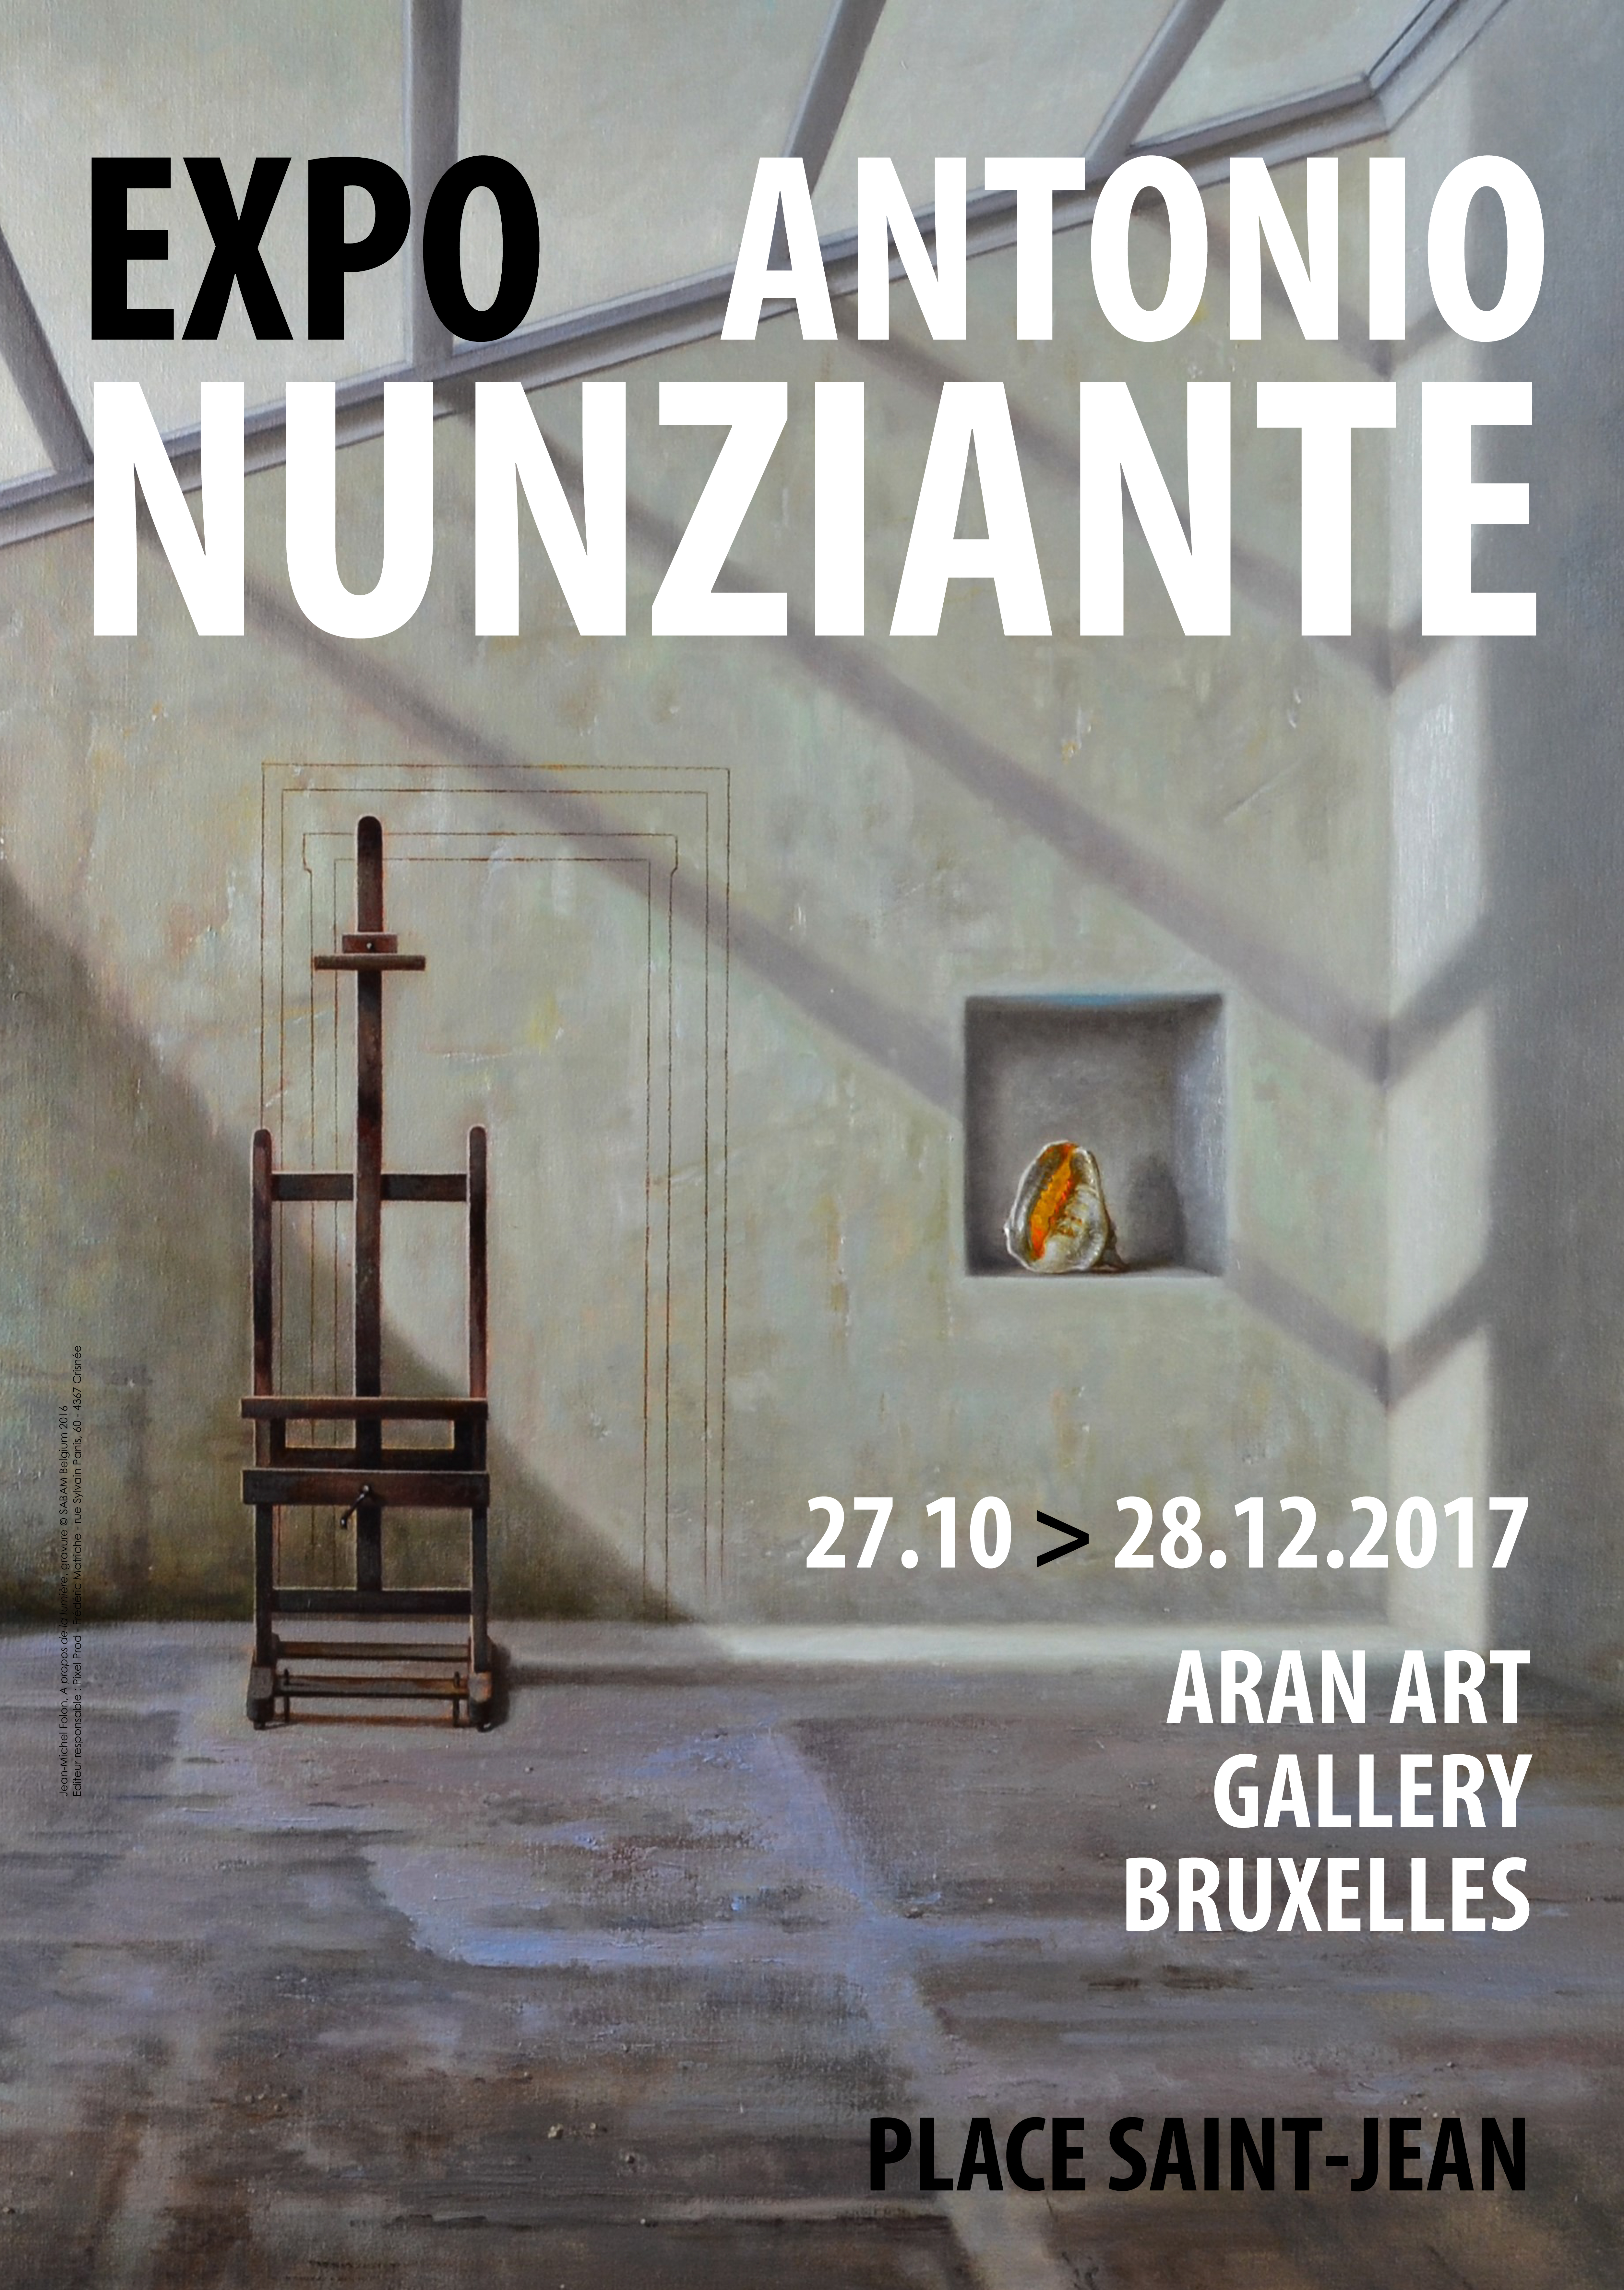 Expo Nunziante